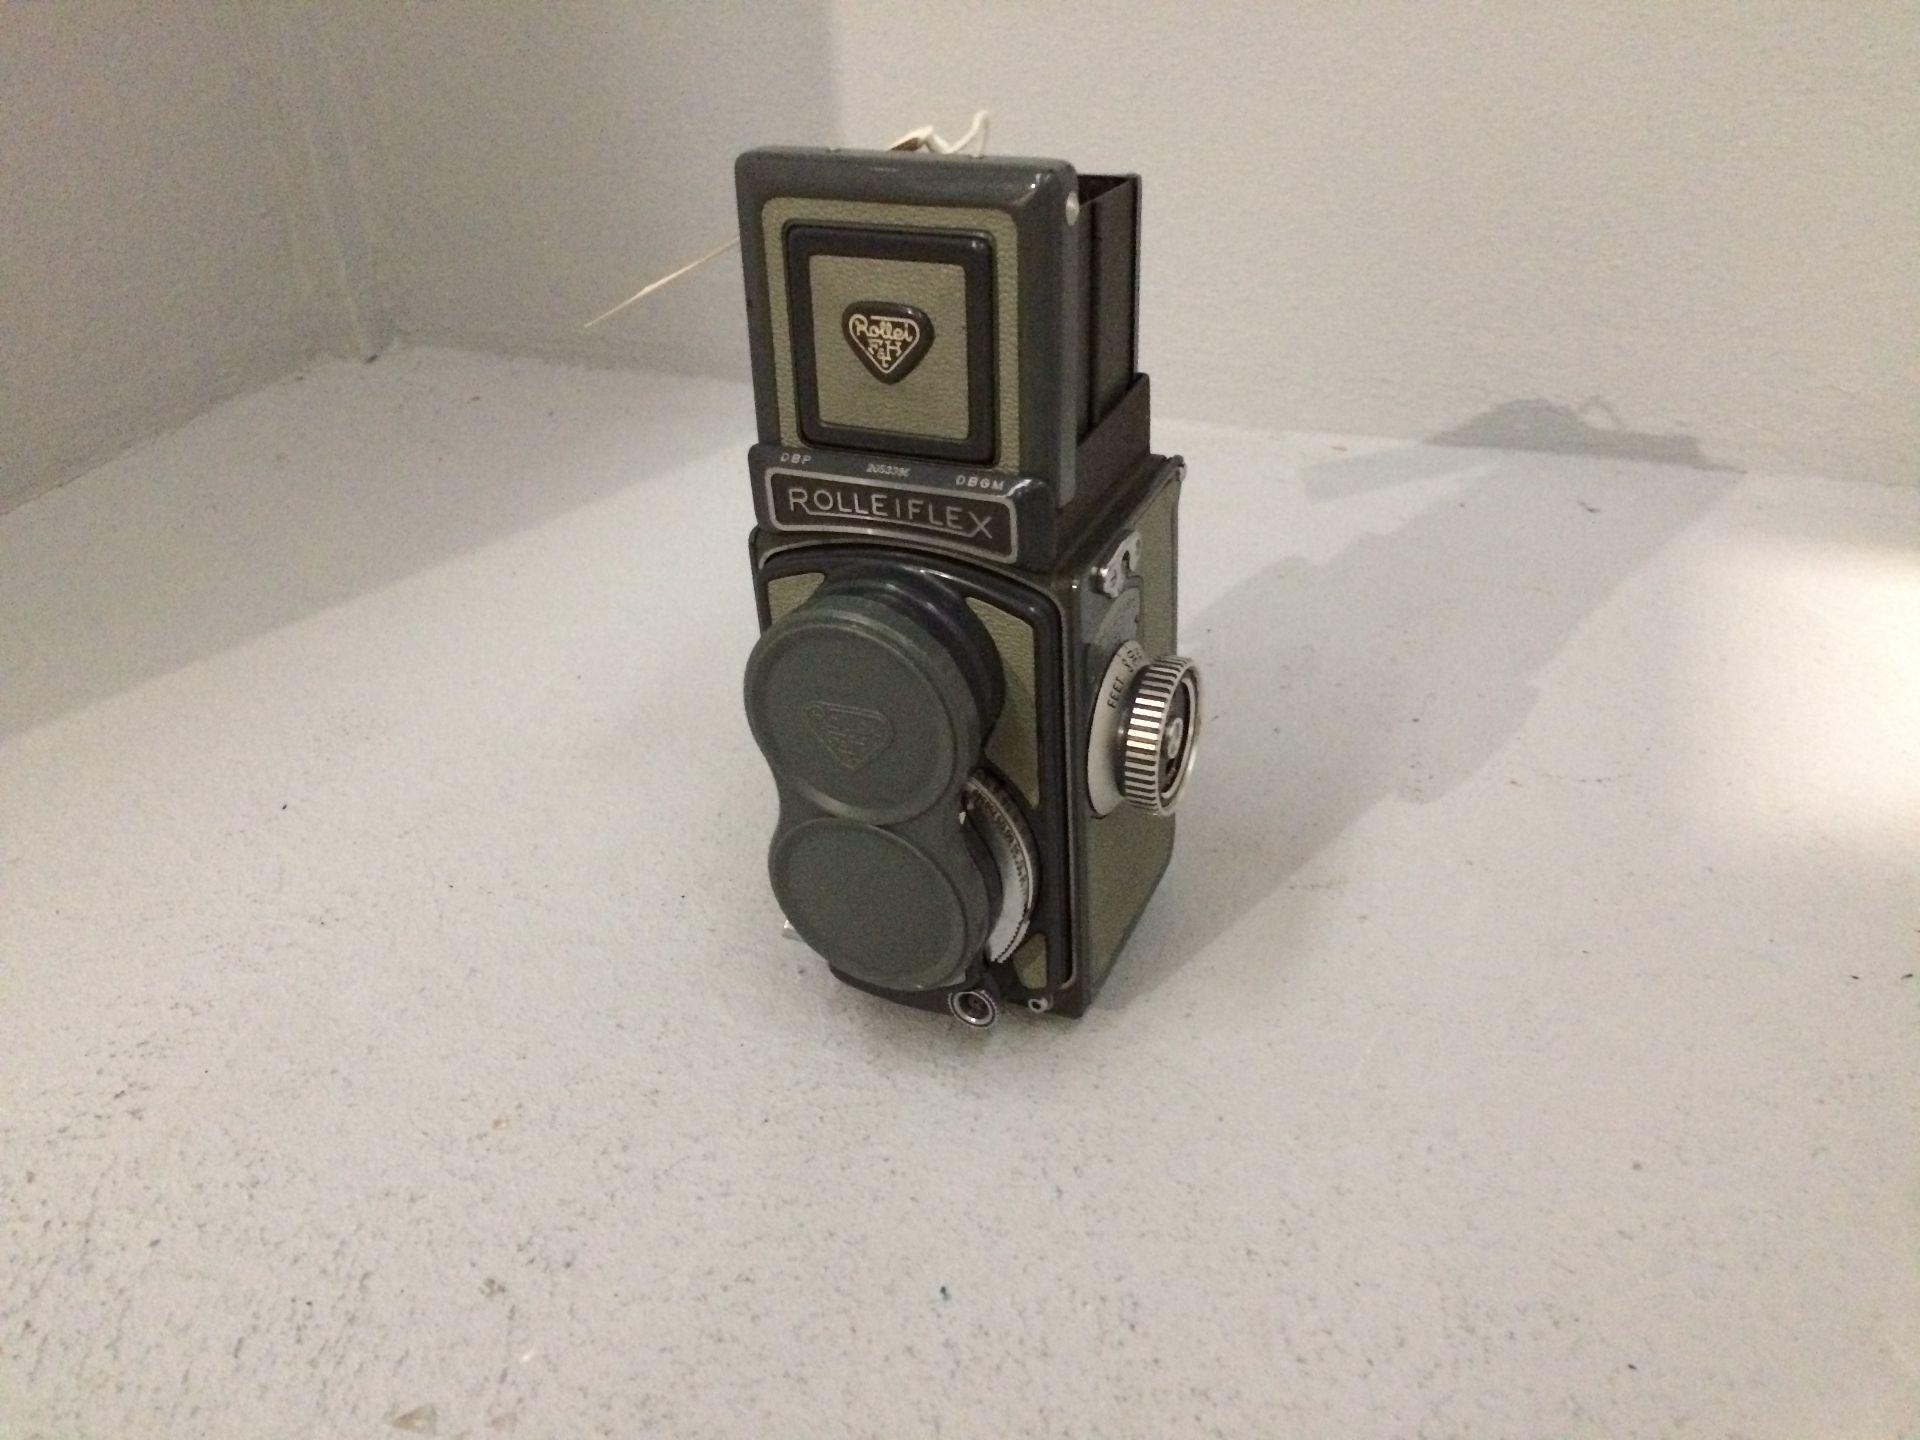 Lot 2 - Rolleiflex DBGM camera, serial no.